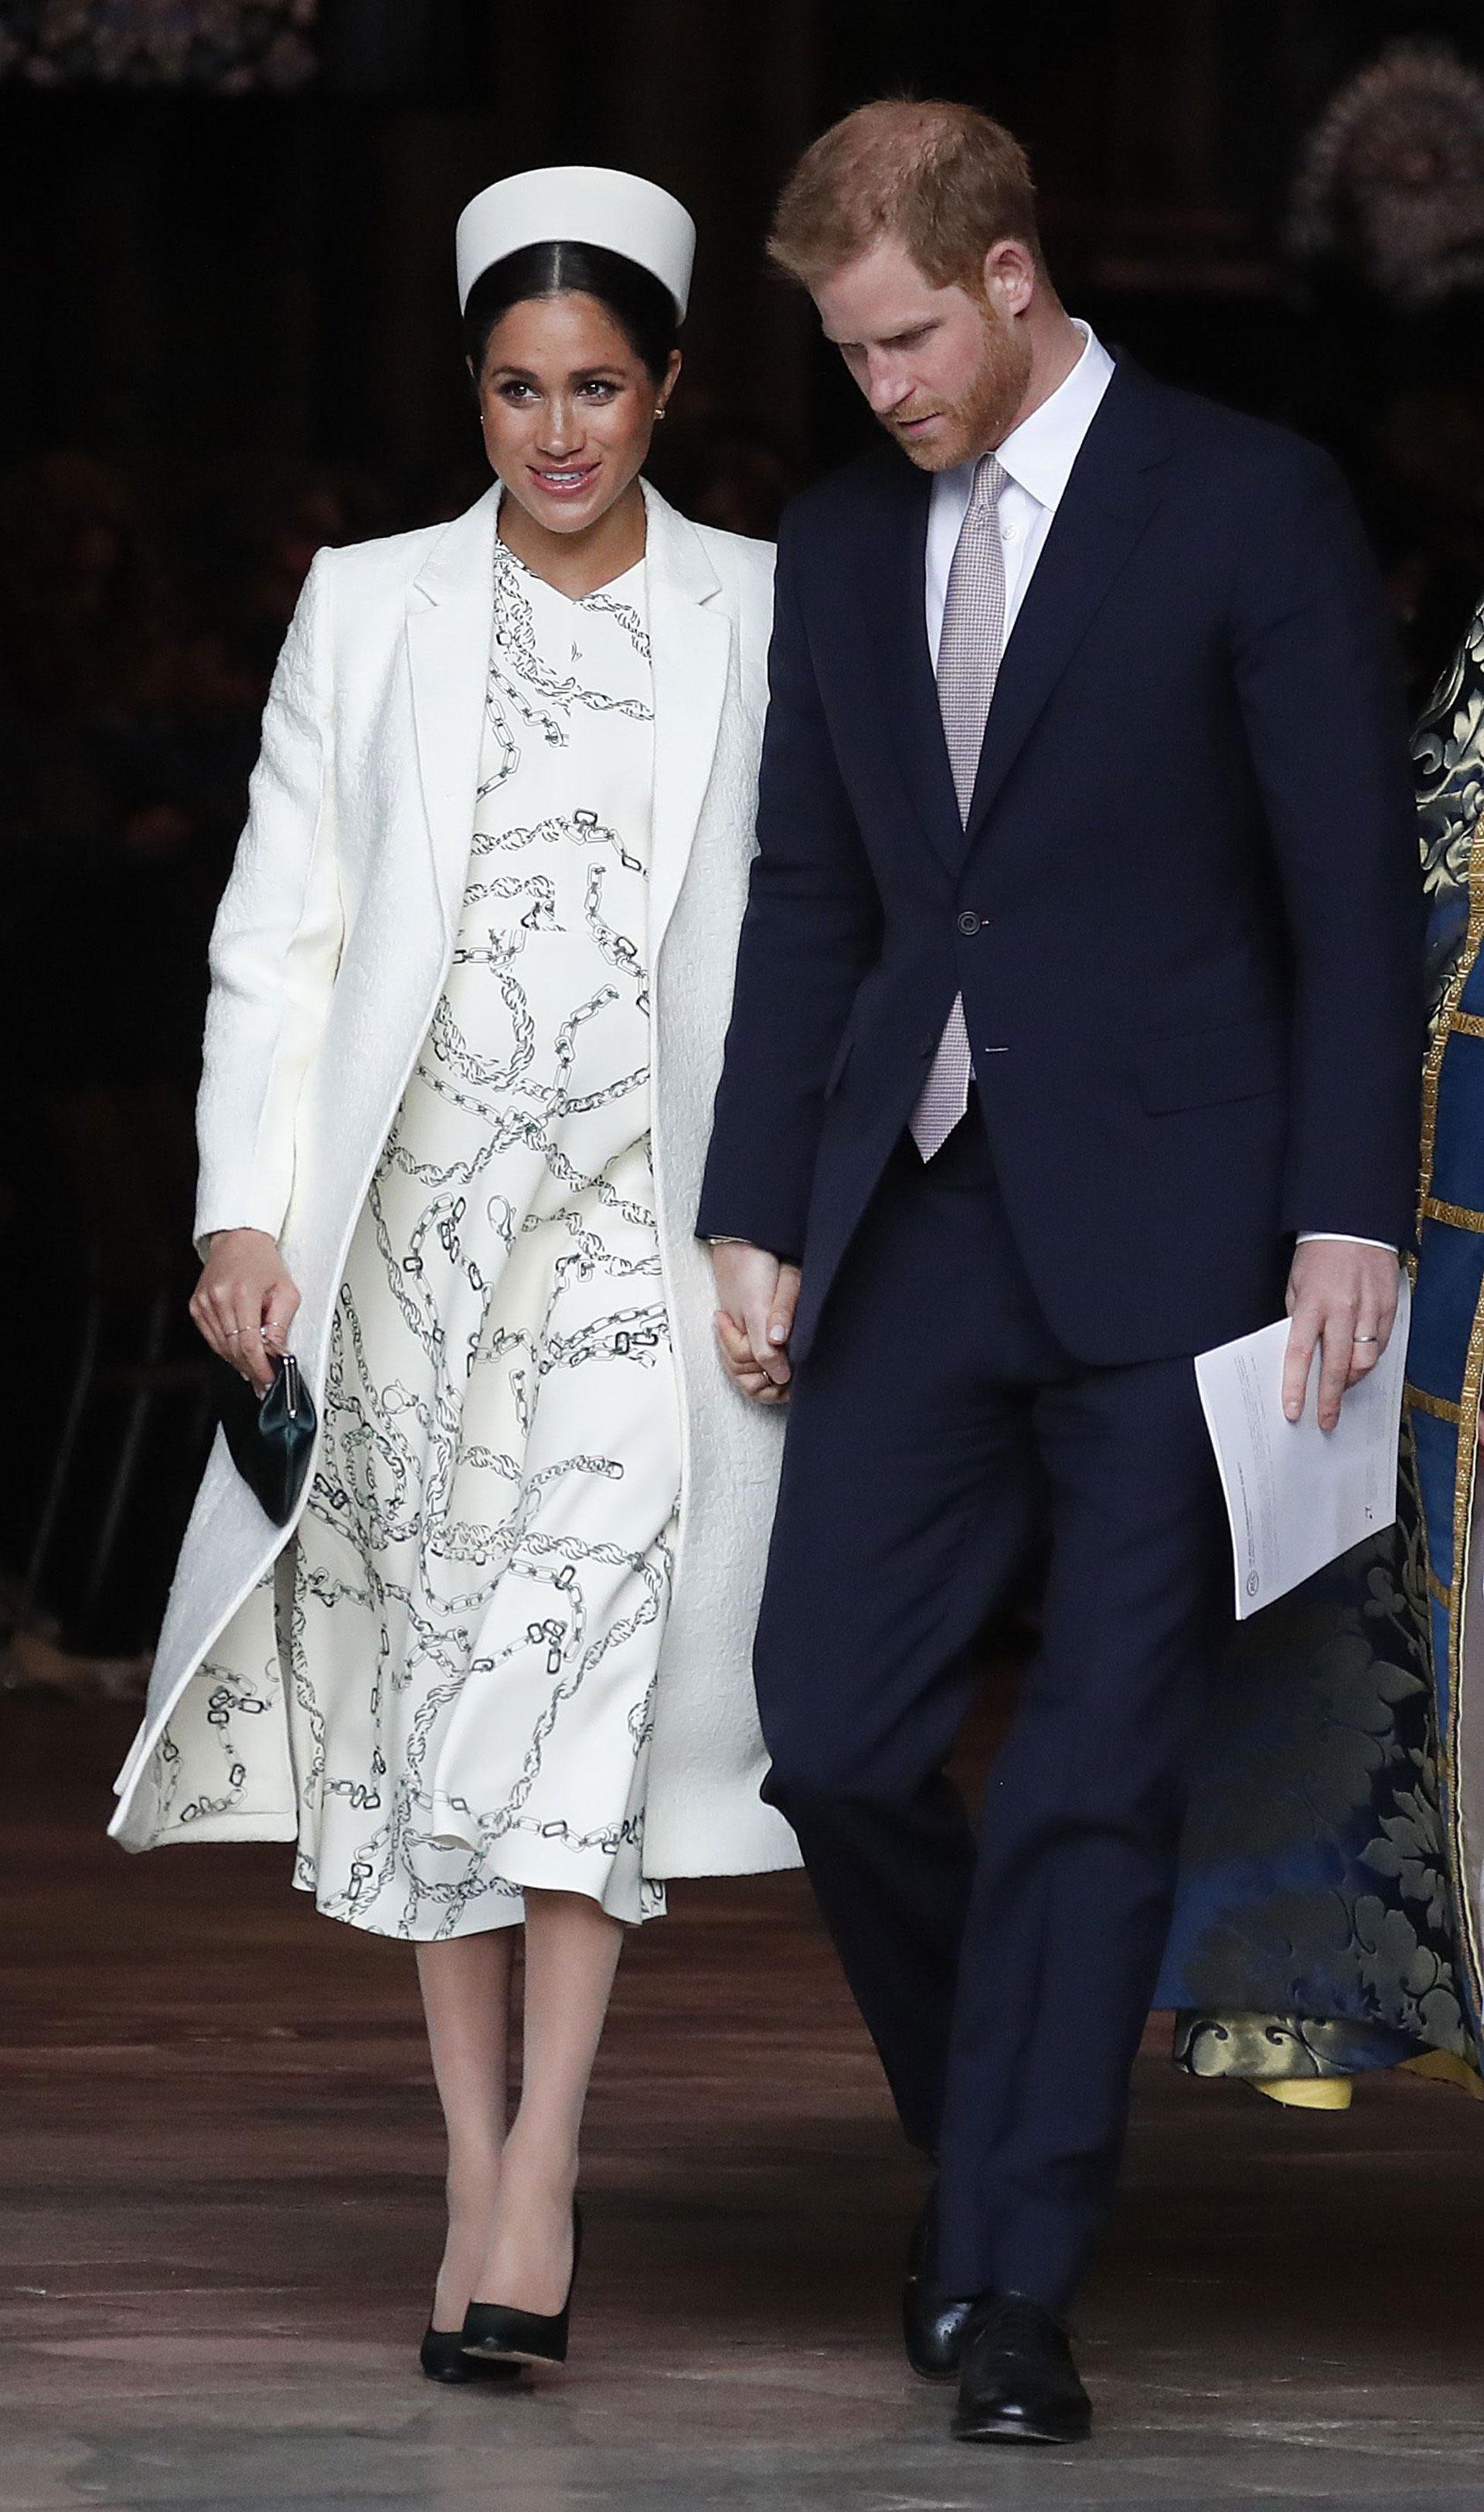 La duquesa llegó a la Abadía de Westminster para el servicio del Día de la Commonwealth con un vestido estampado de Victoria Beckham , un abrigo de color crema y un sombrero pastillero (AP)